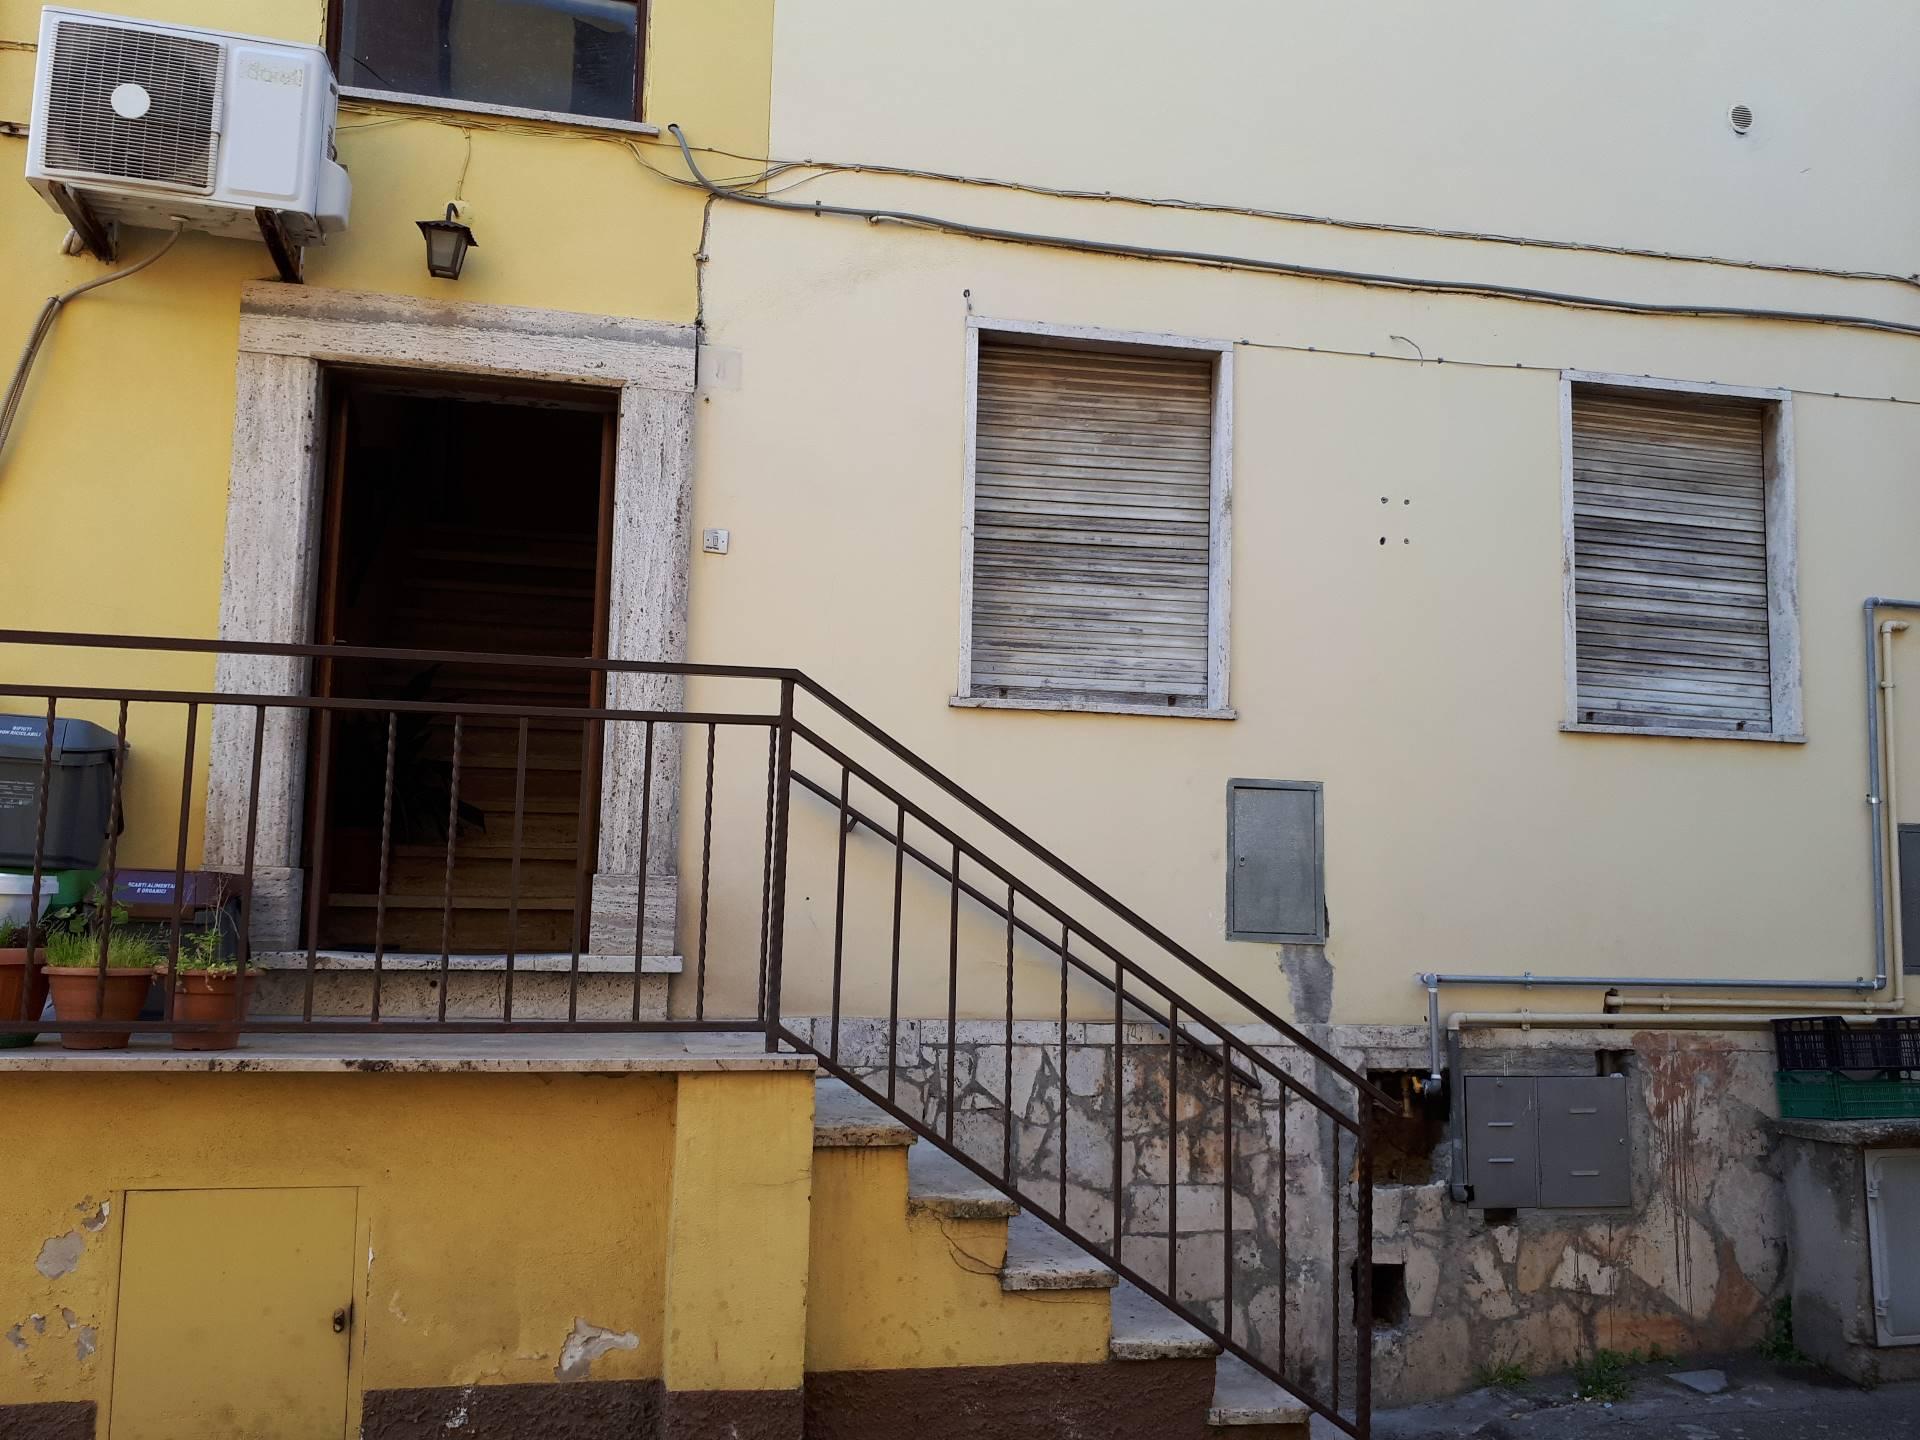 Appartamento in vendita a Montorio Romano, 4 locali, prezzo € 70.000 | CambioCasa.it